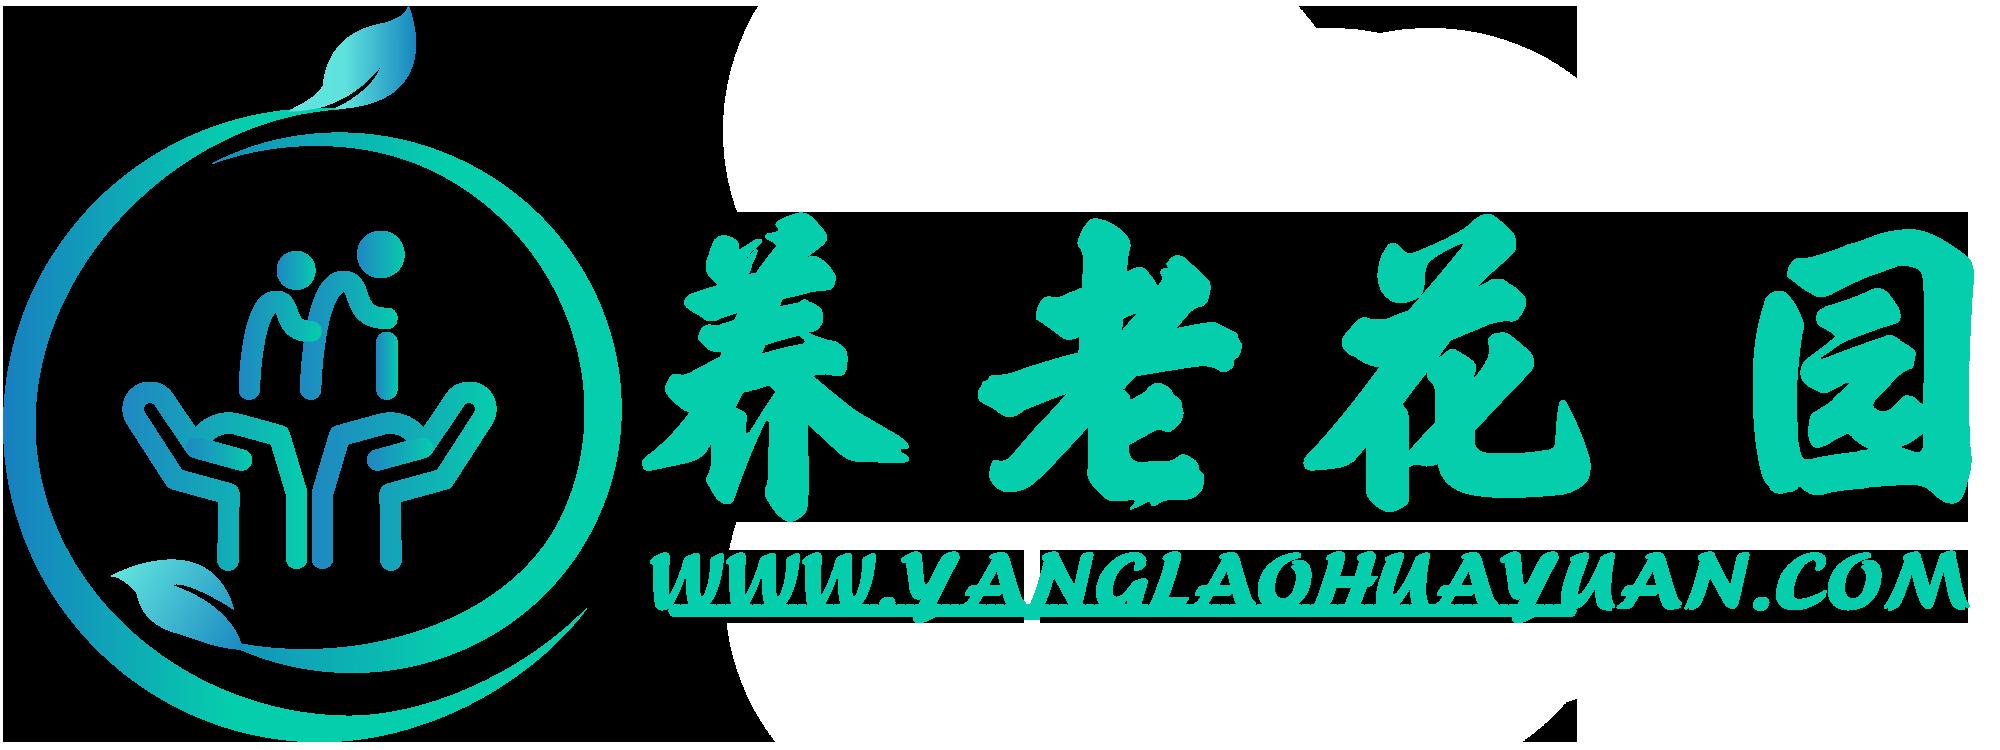 养老院_护理院_养老社区_老年公寓-上海养老花园